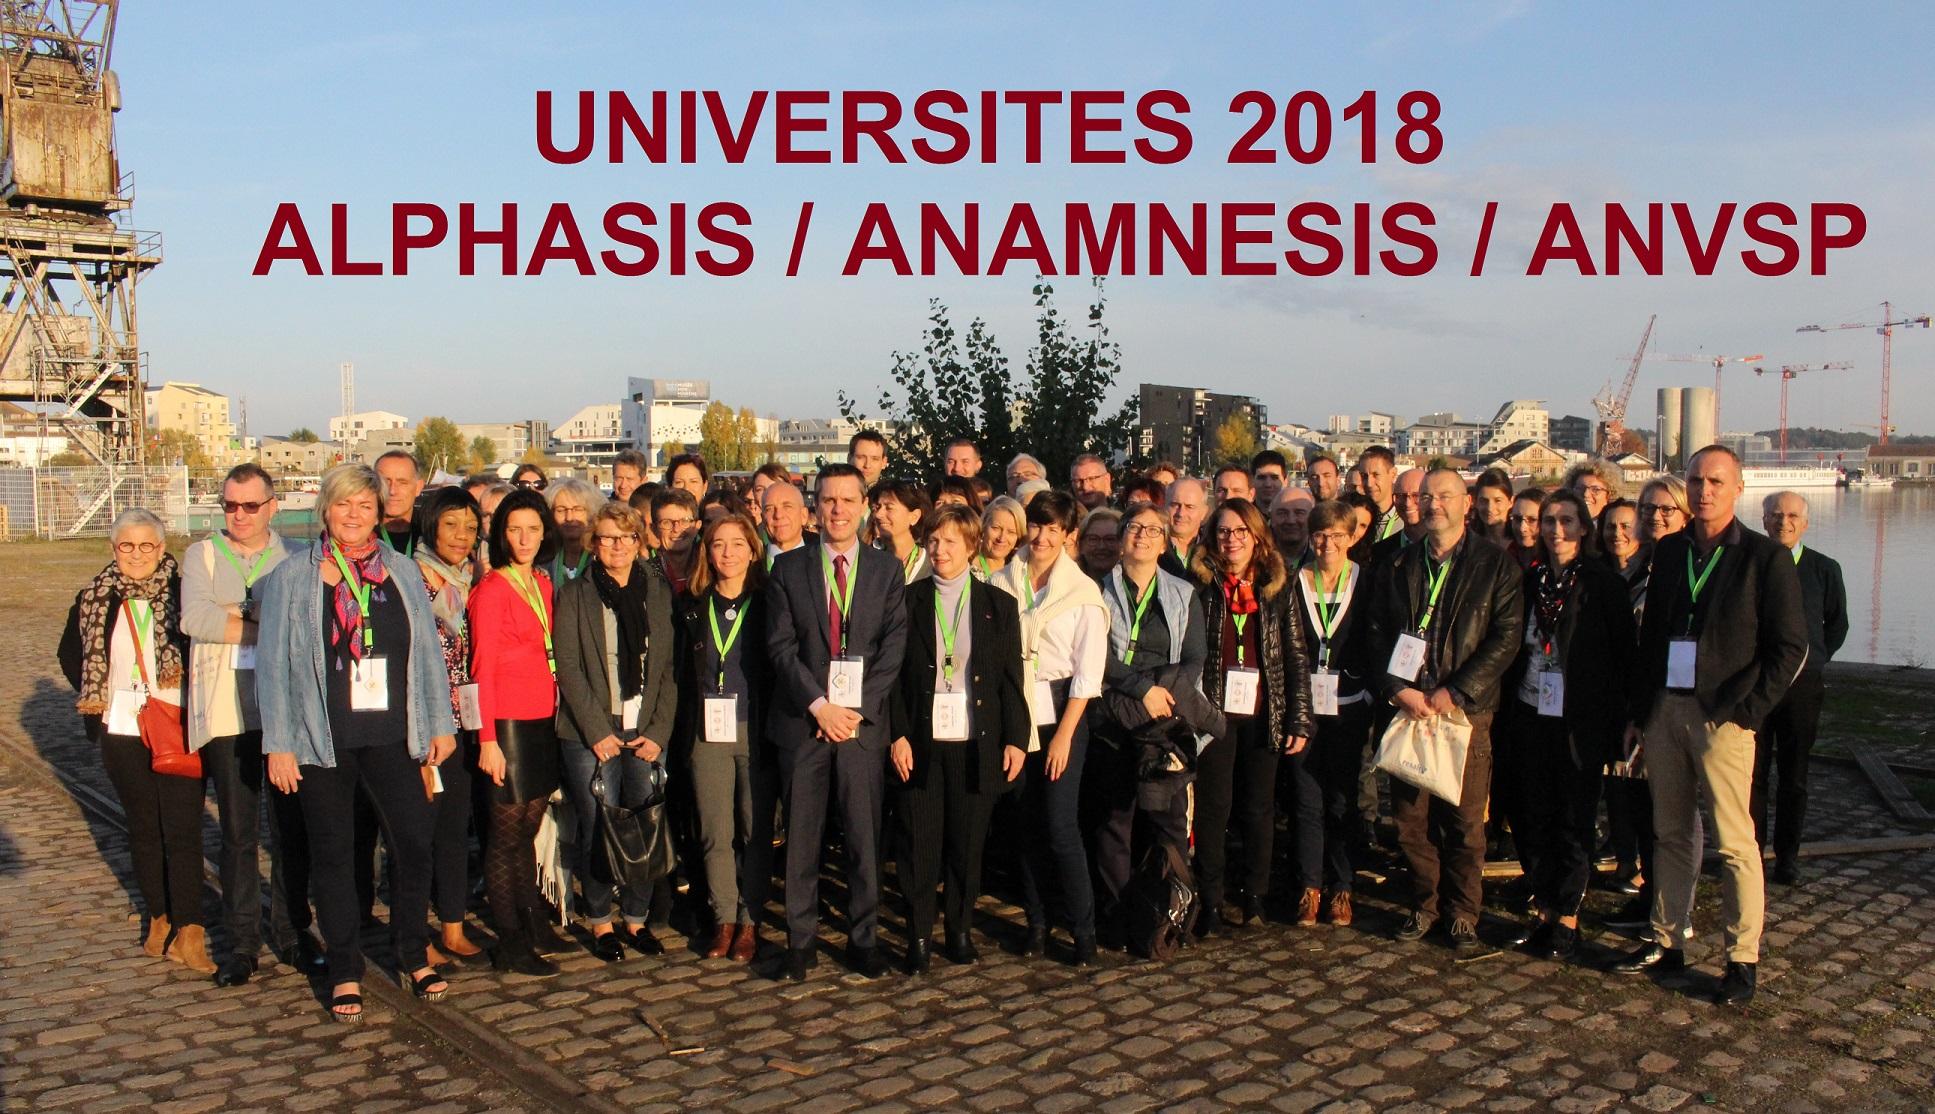 Retour sur les Universités ALPHASIS / ANAMNESIS / ANVSP